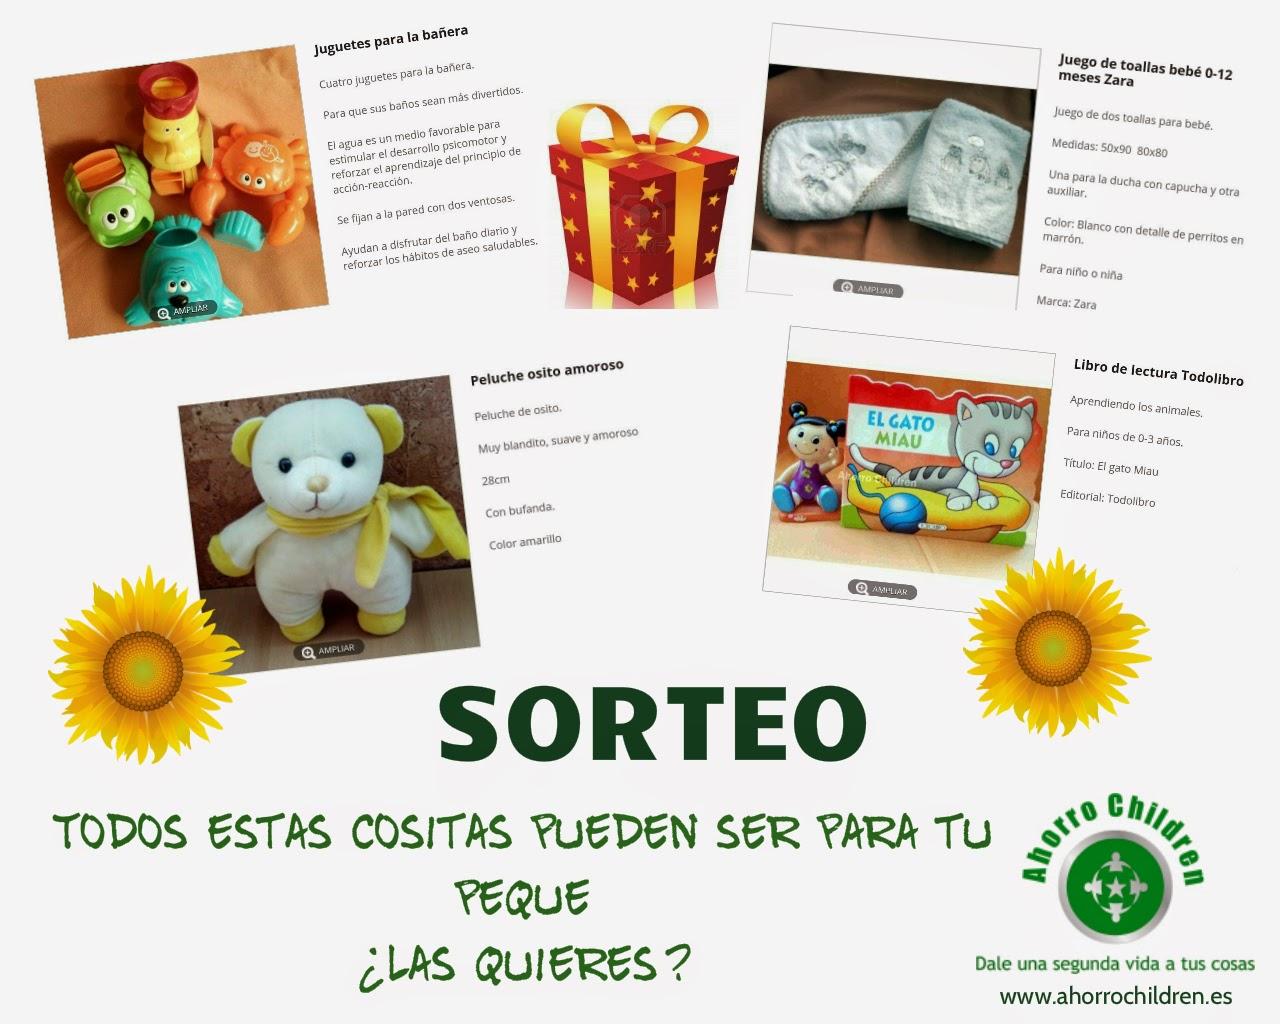 Sorteo ahorro children